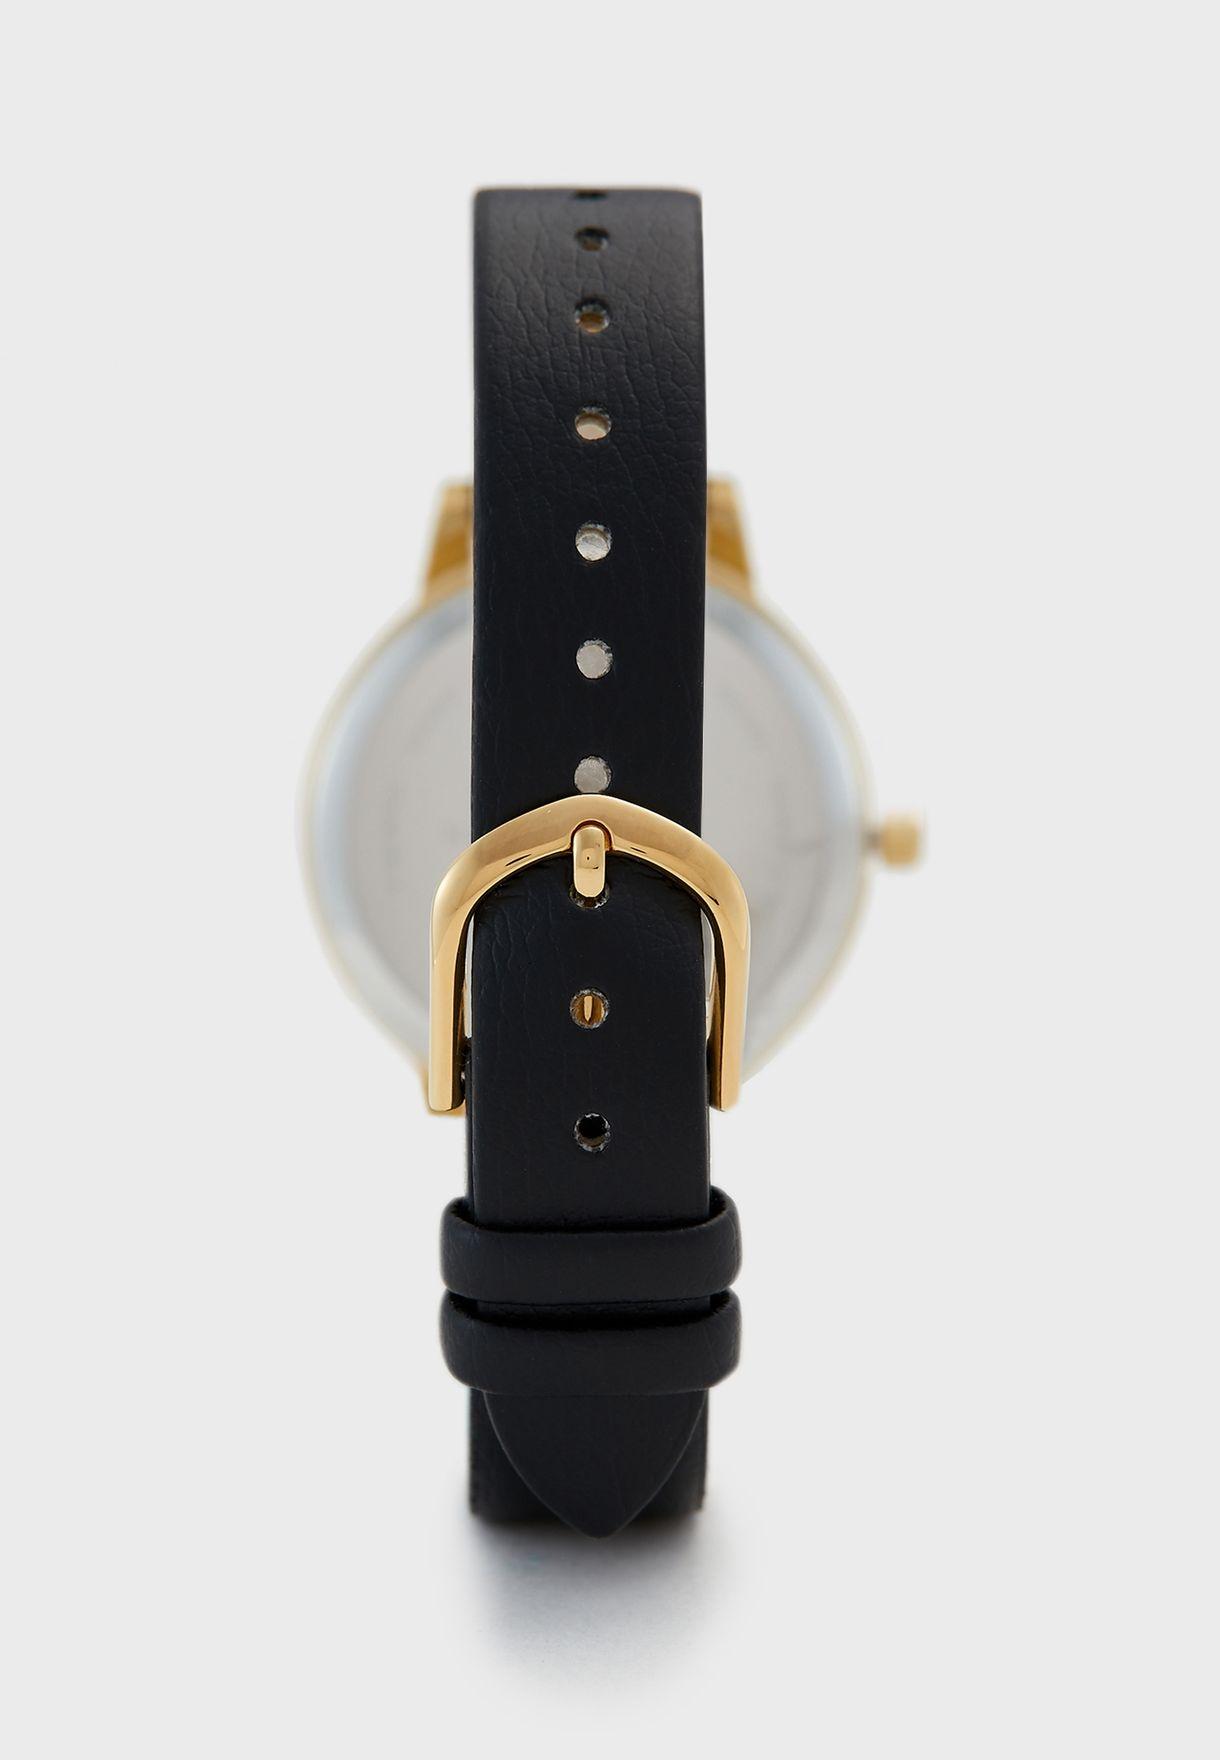 ساعة انالوج مزينة بنحلة ثلاثية الابعاد